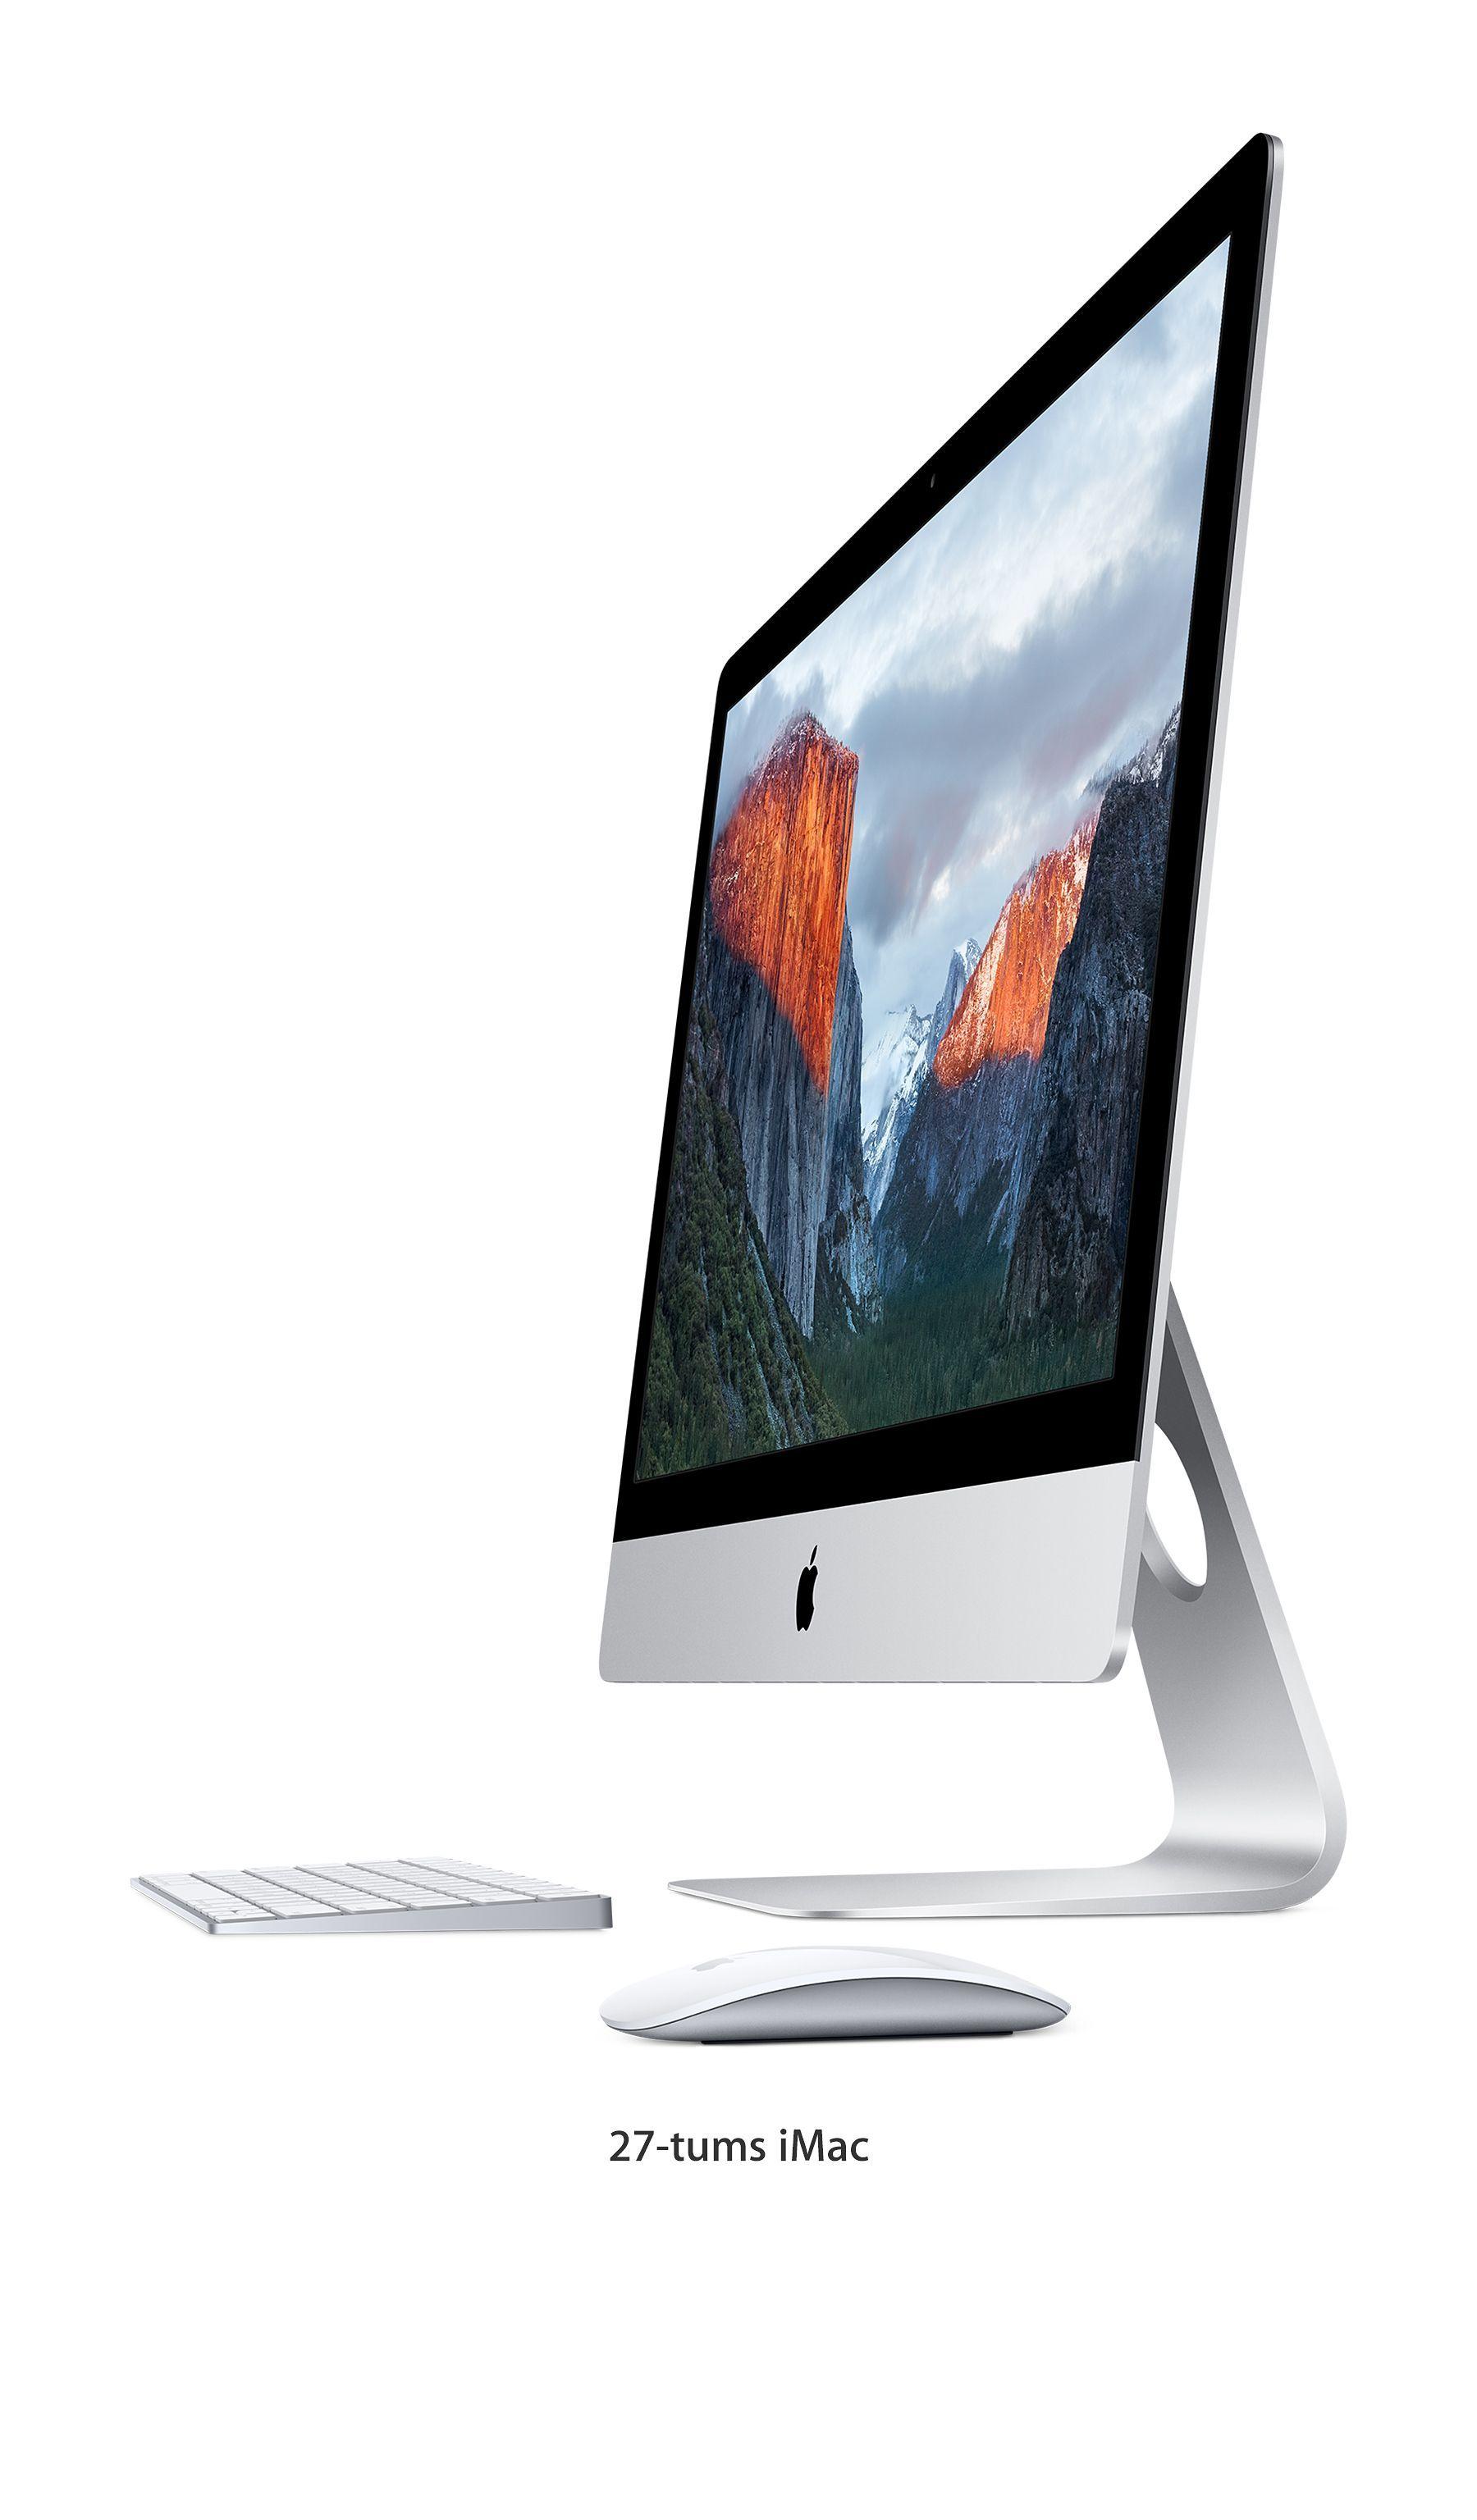 Frakt ingår när du köper iMac med Retina 5K-skärm från Apple Online Store.